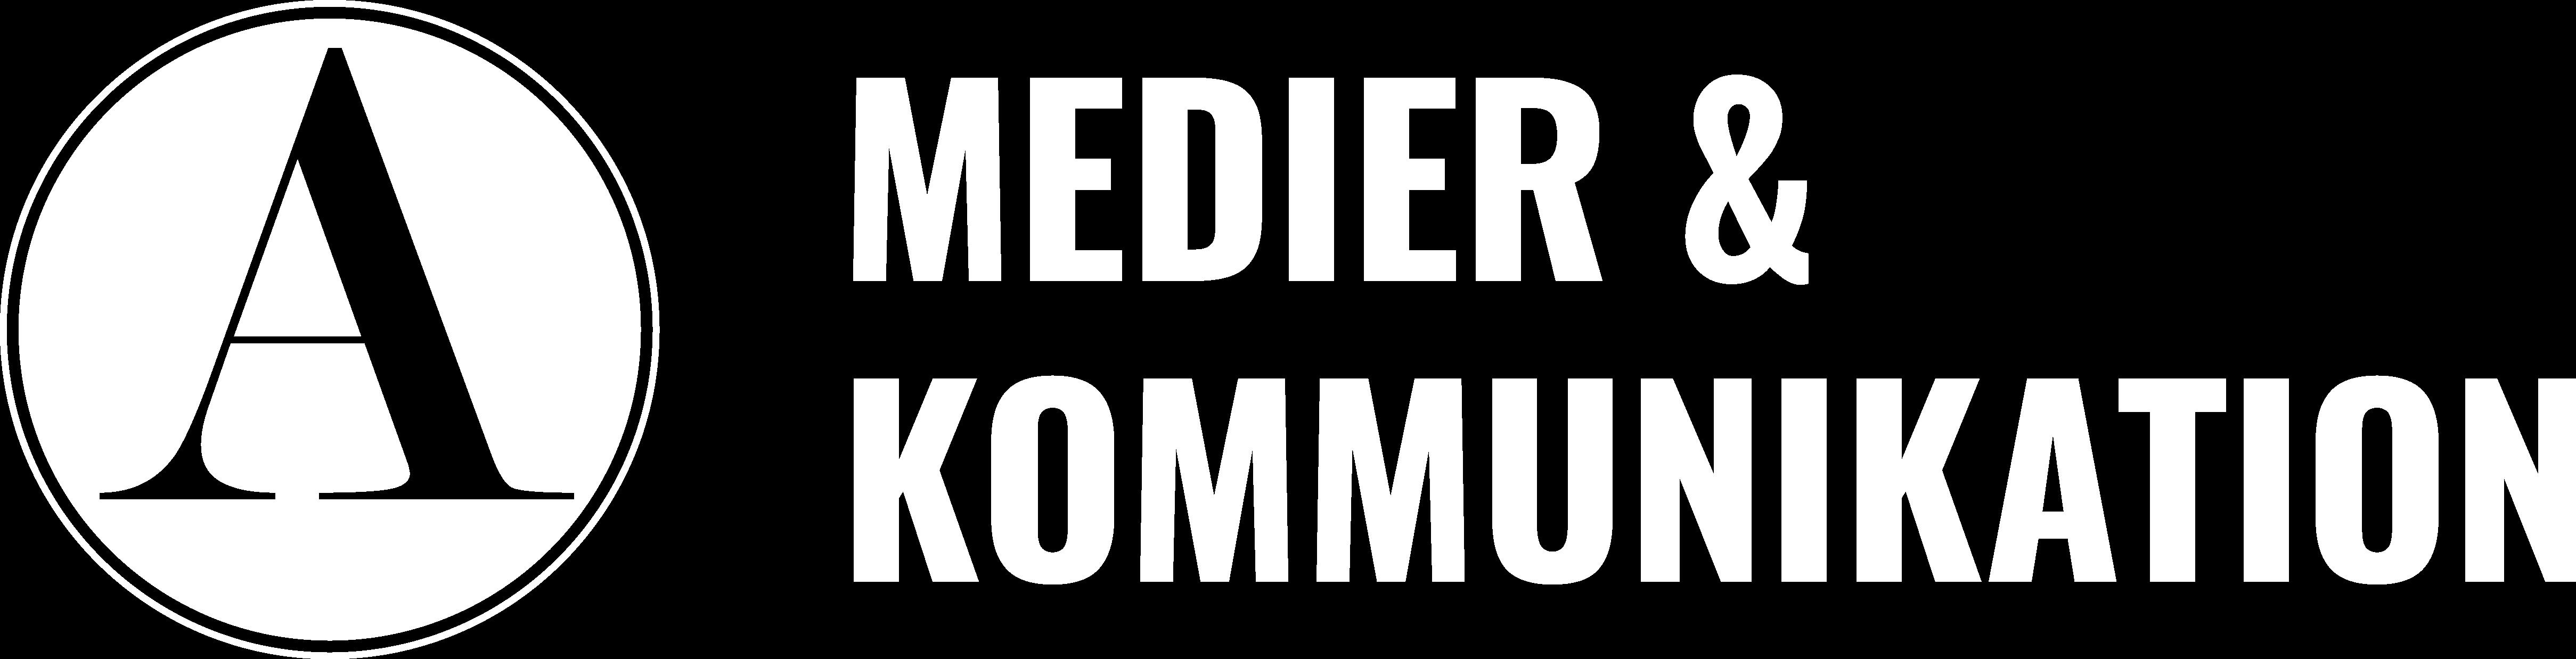 A medier